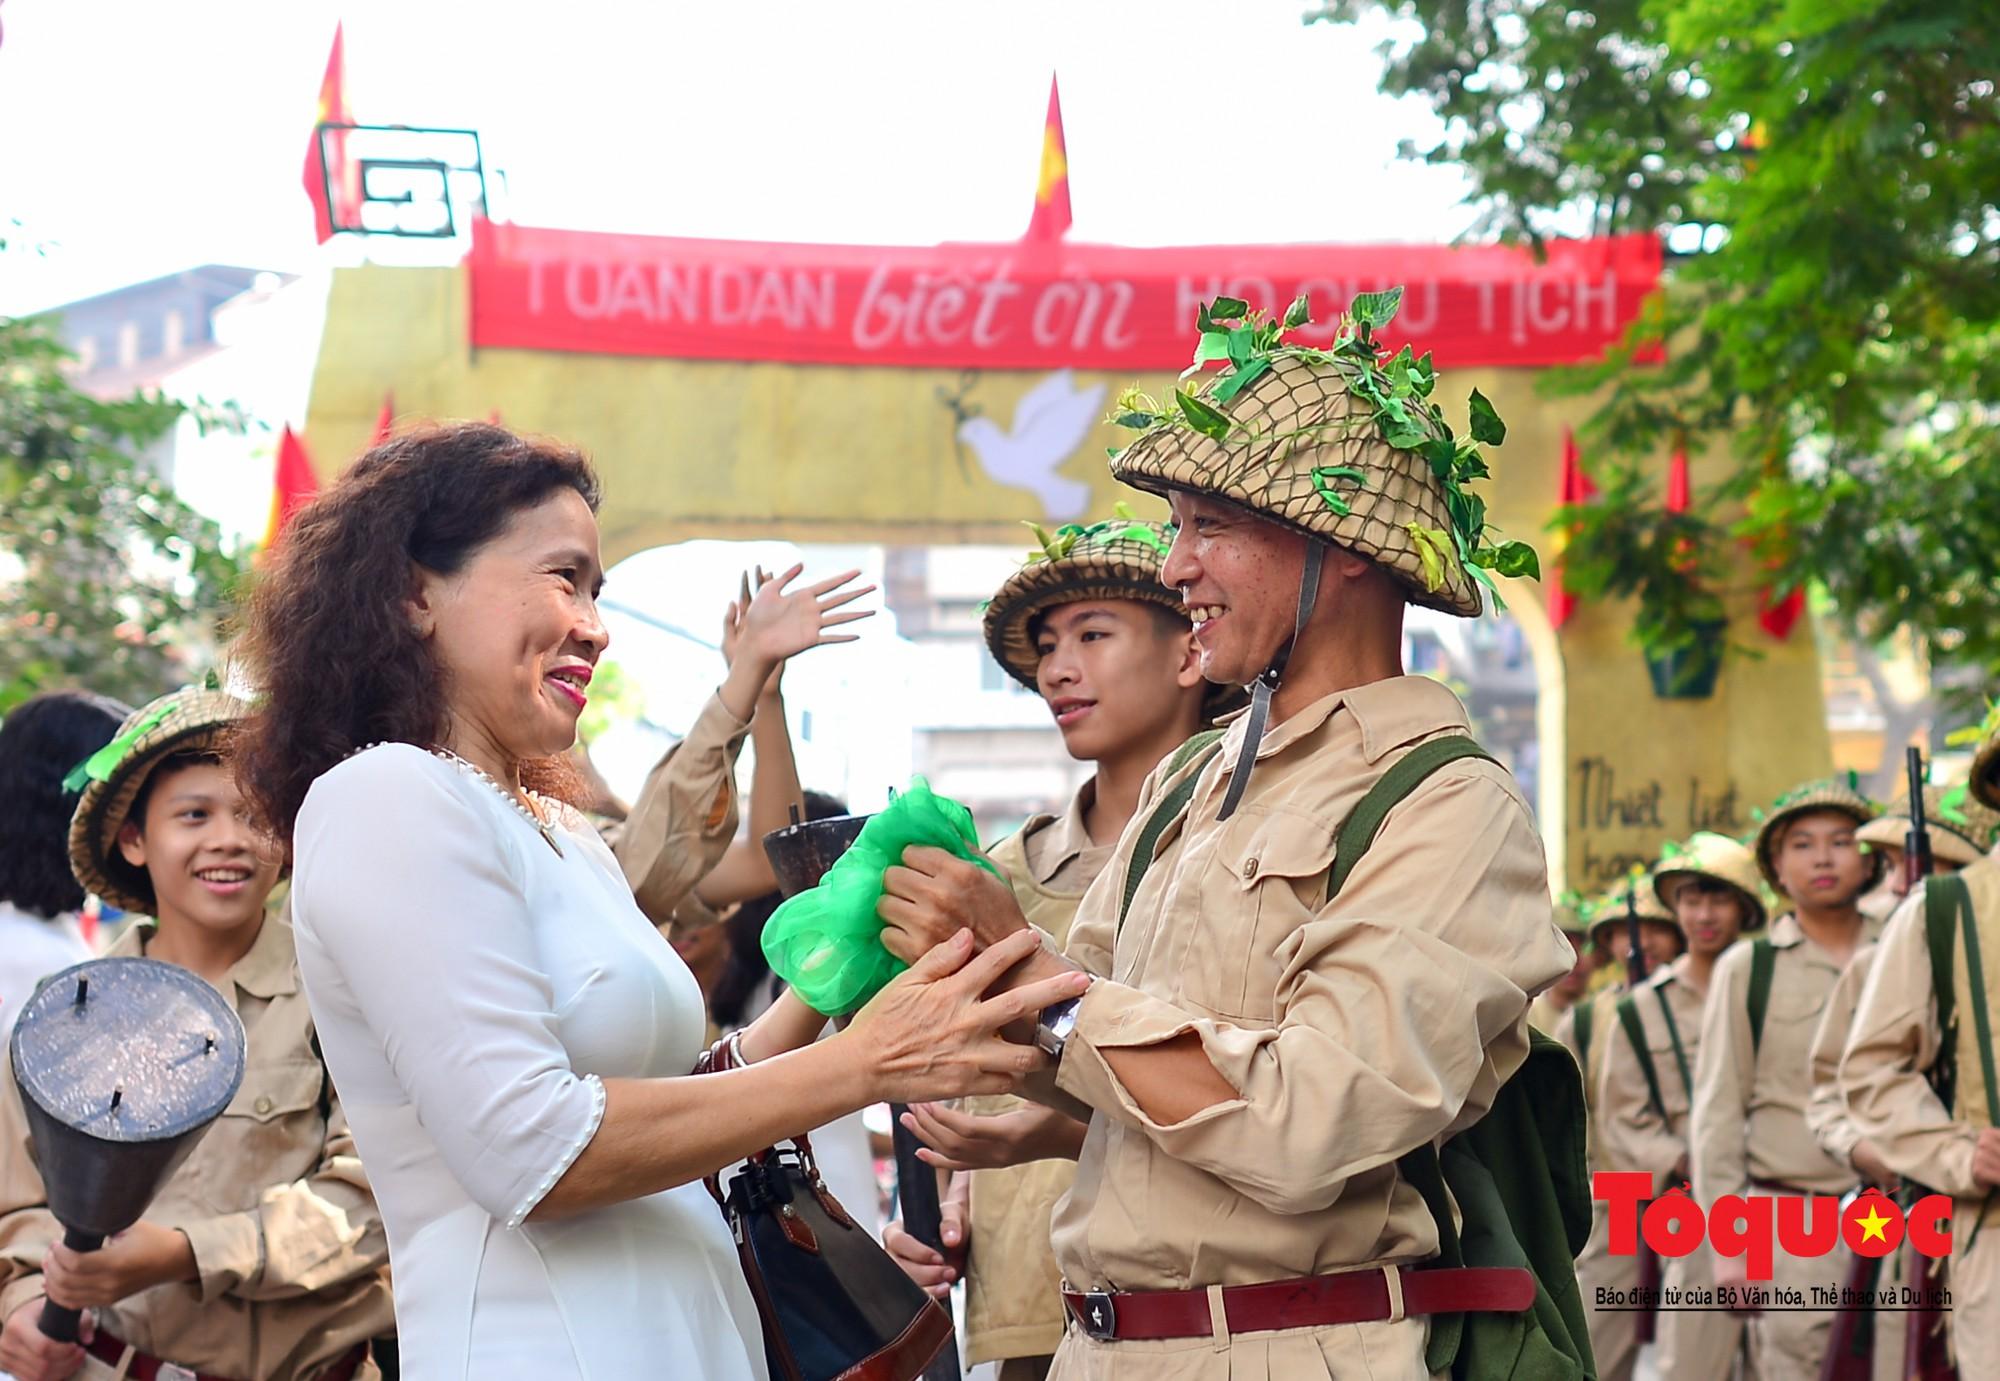 Tái hiện ký ức hào hùng đoàn quân chiến thắng trở về tiếp quản thủ đô Hà Nội 65 năm trước 7